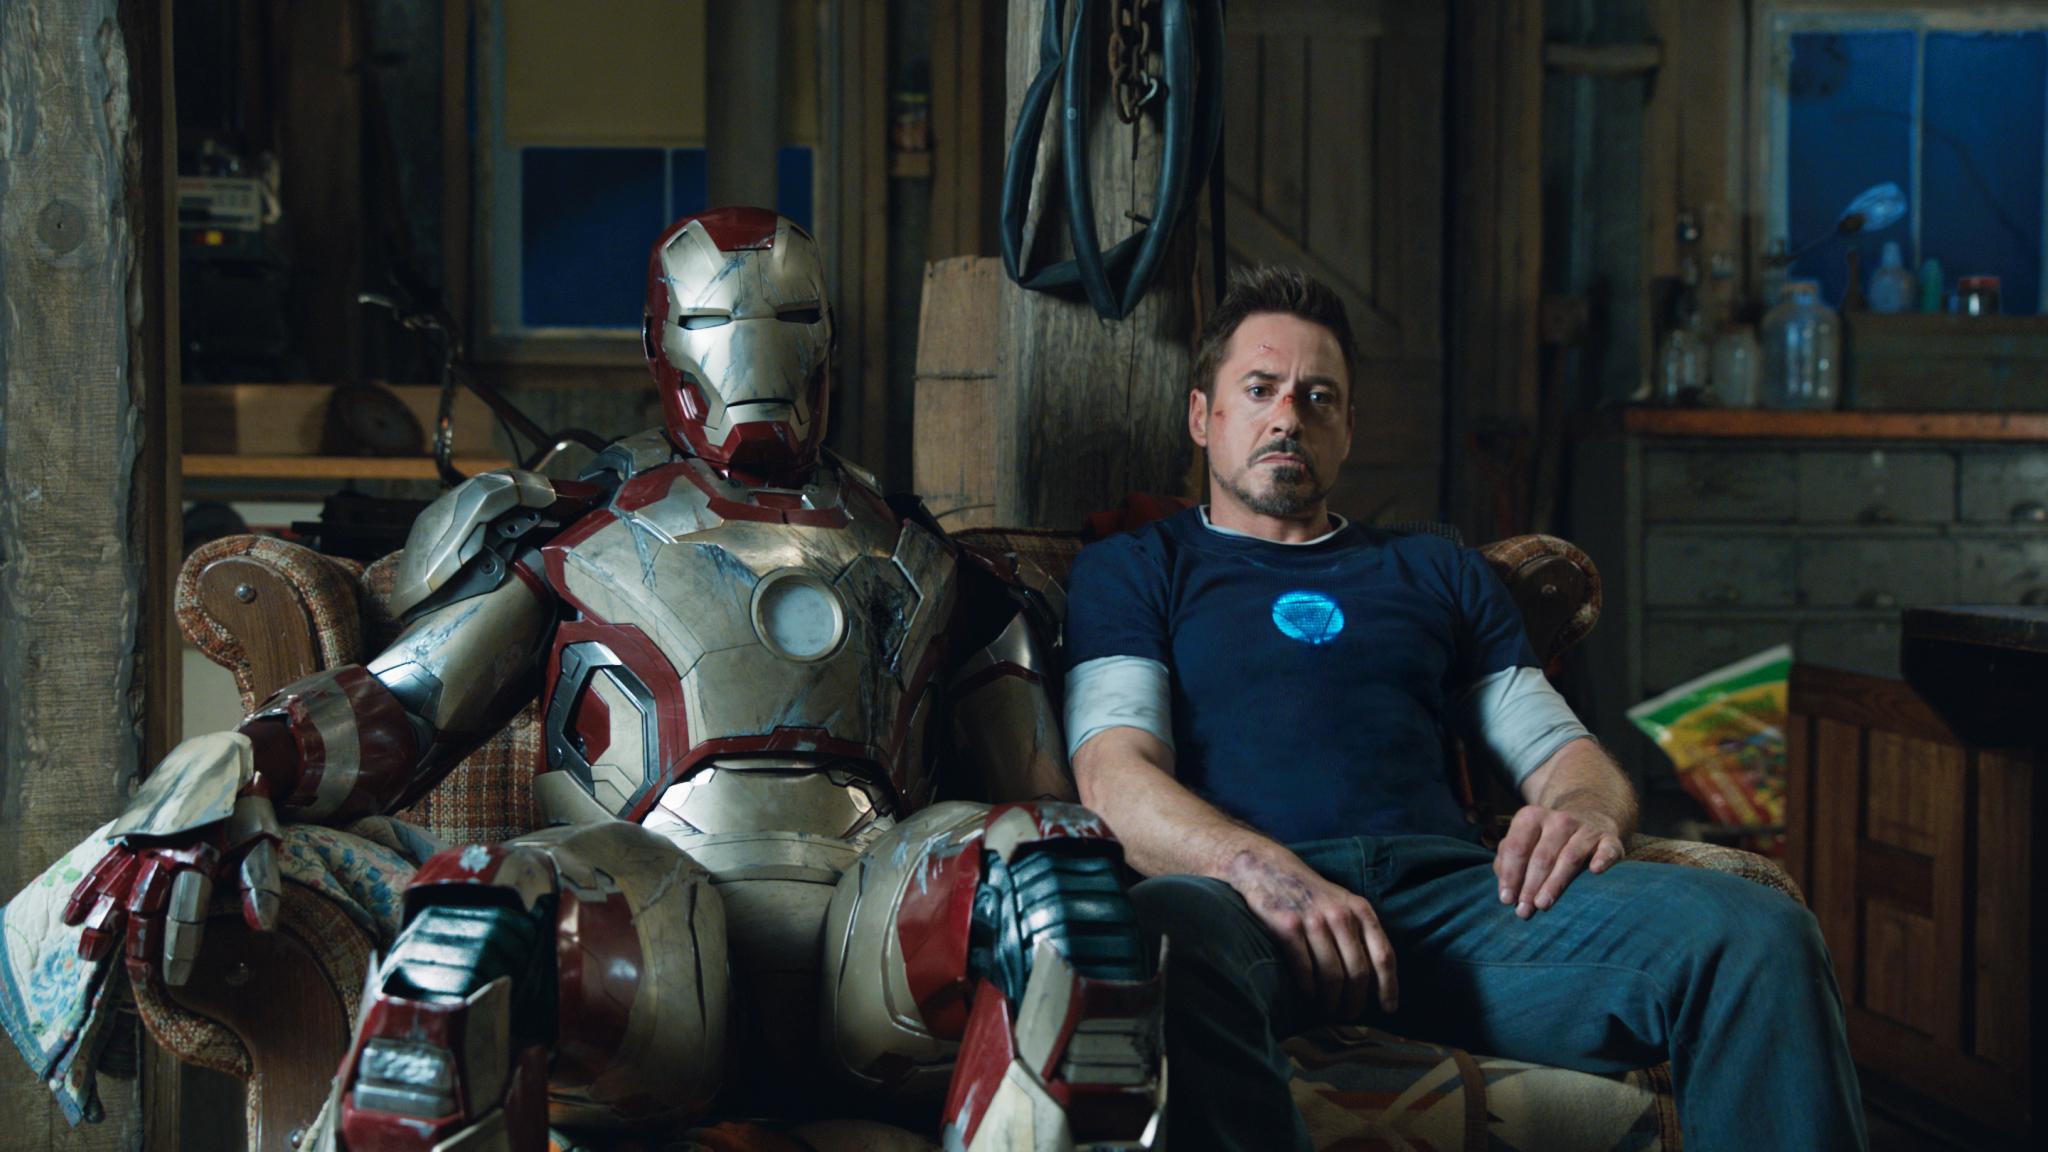 Still of Robert Downey Jr. as Tony Stark in Iron Man 3